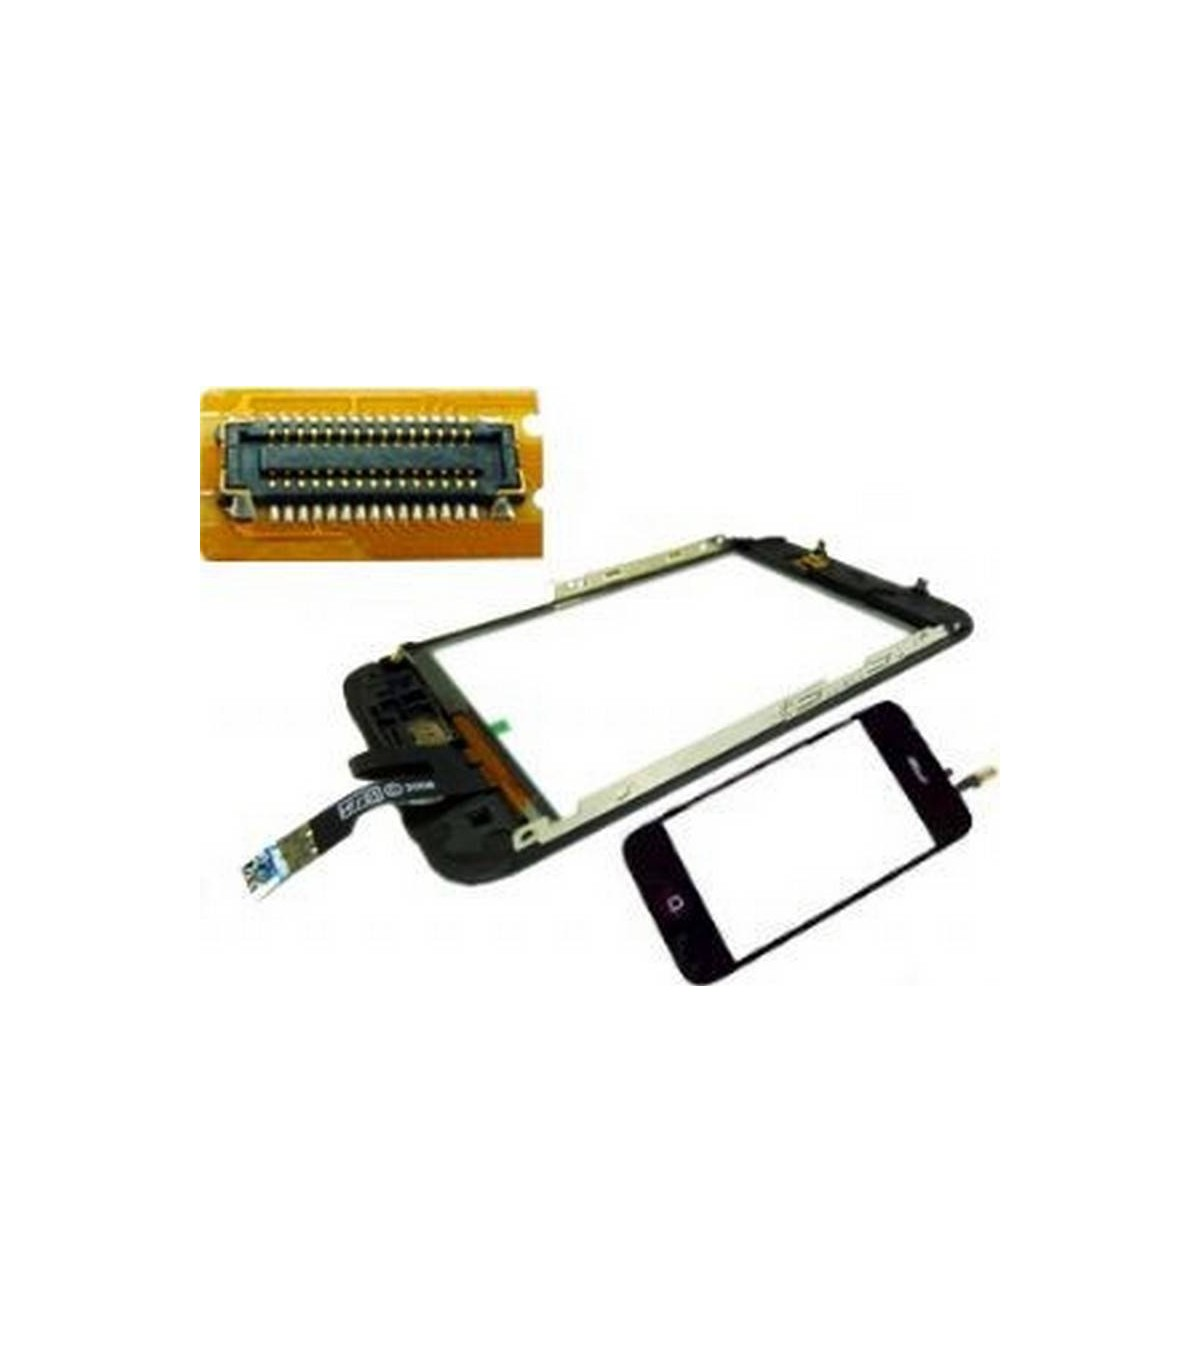 iPhone 3Gs pantalla tactil digitalizadora, ventana display, con marco metalico y boton menu con flex